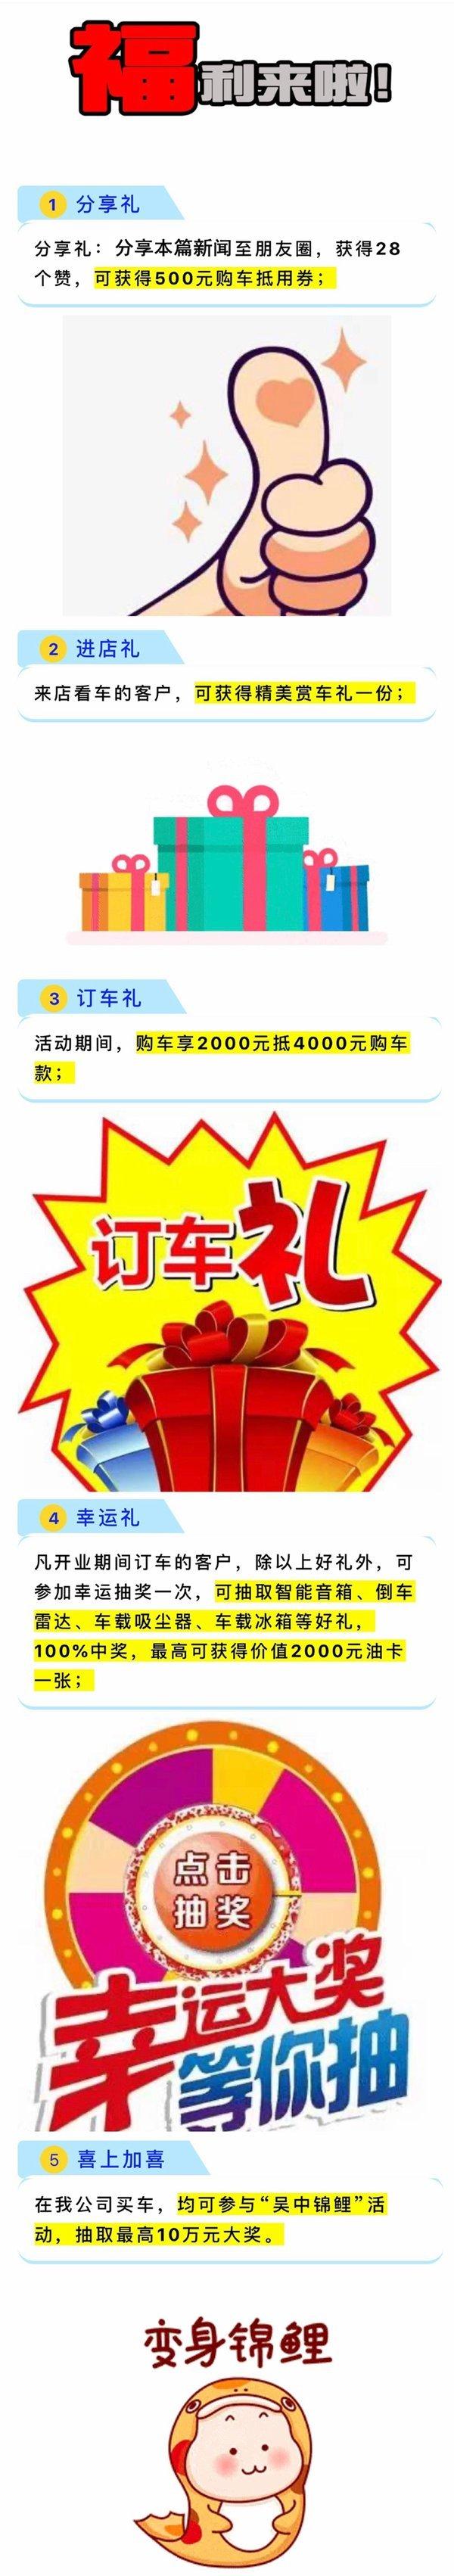 苏州恒灵 新店开业 一大波福利来袭!